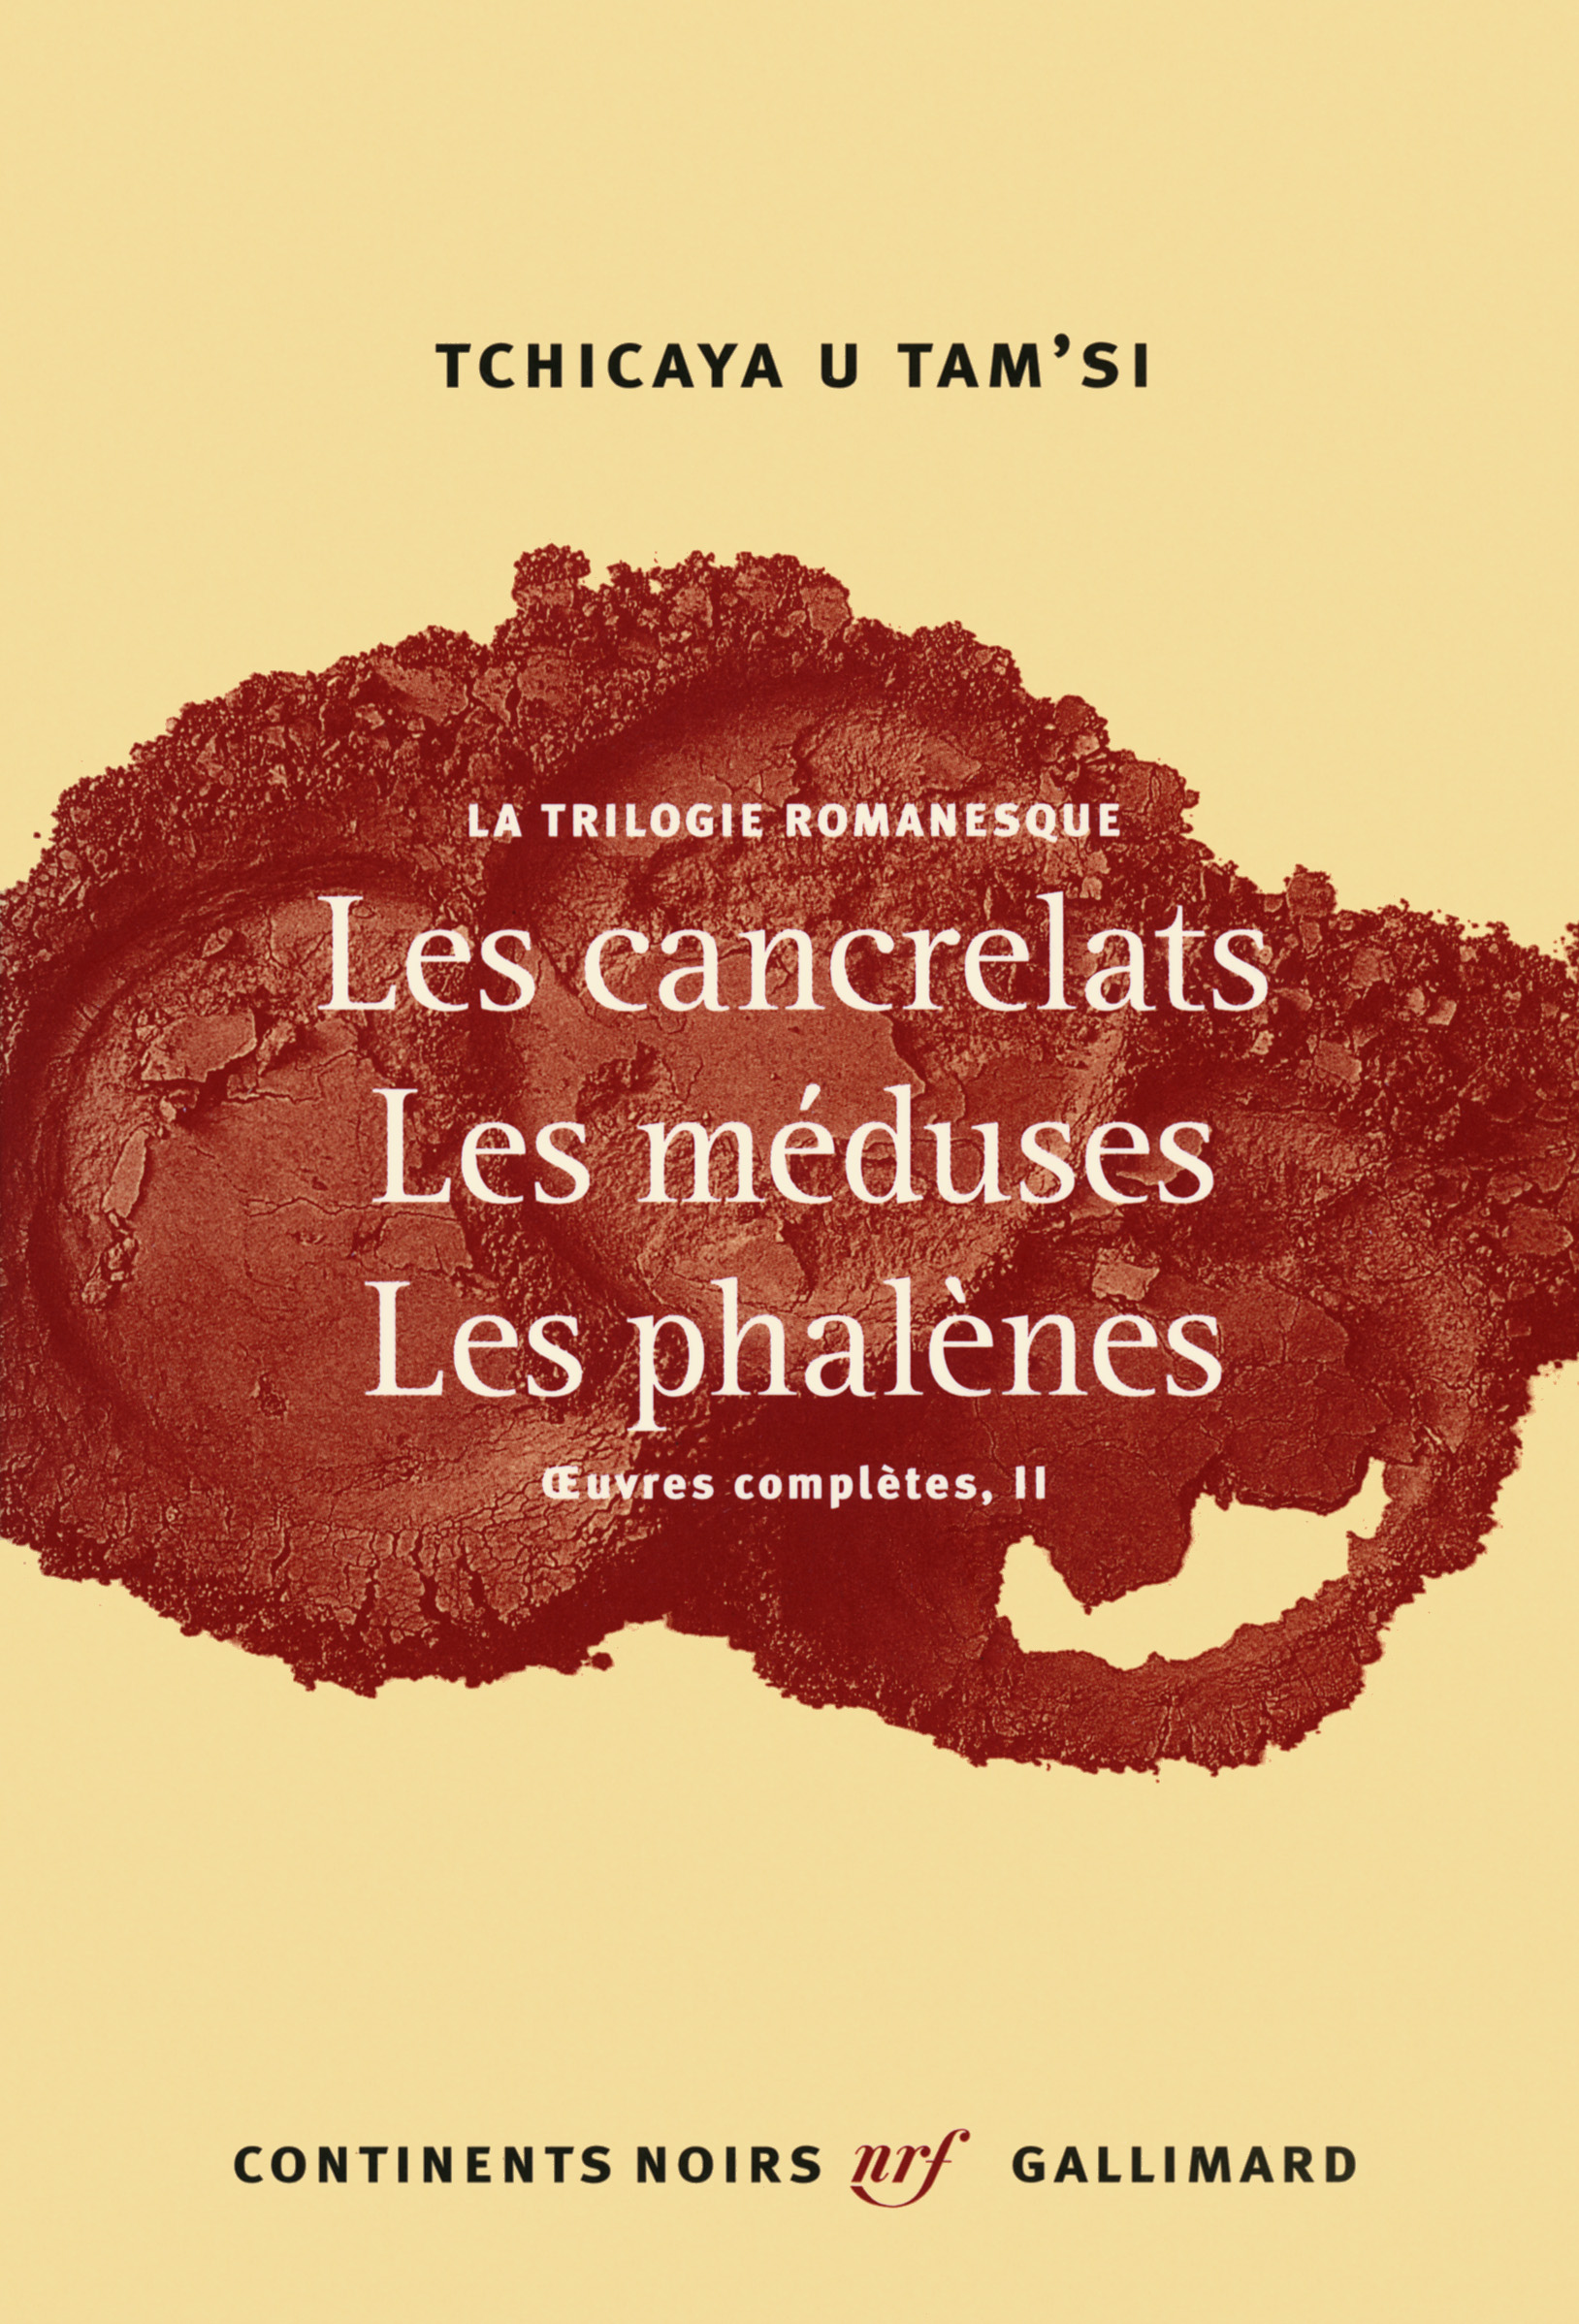 La trilogie romanesque. Les cancrelats, Les méduses, Les phalènes | U Tam' si, Tchicaya